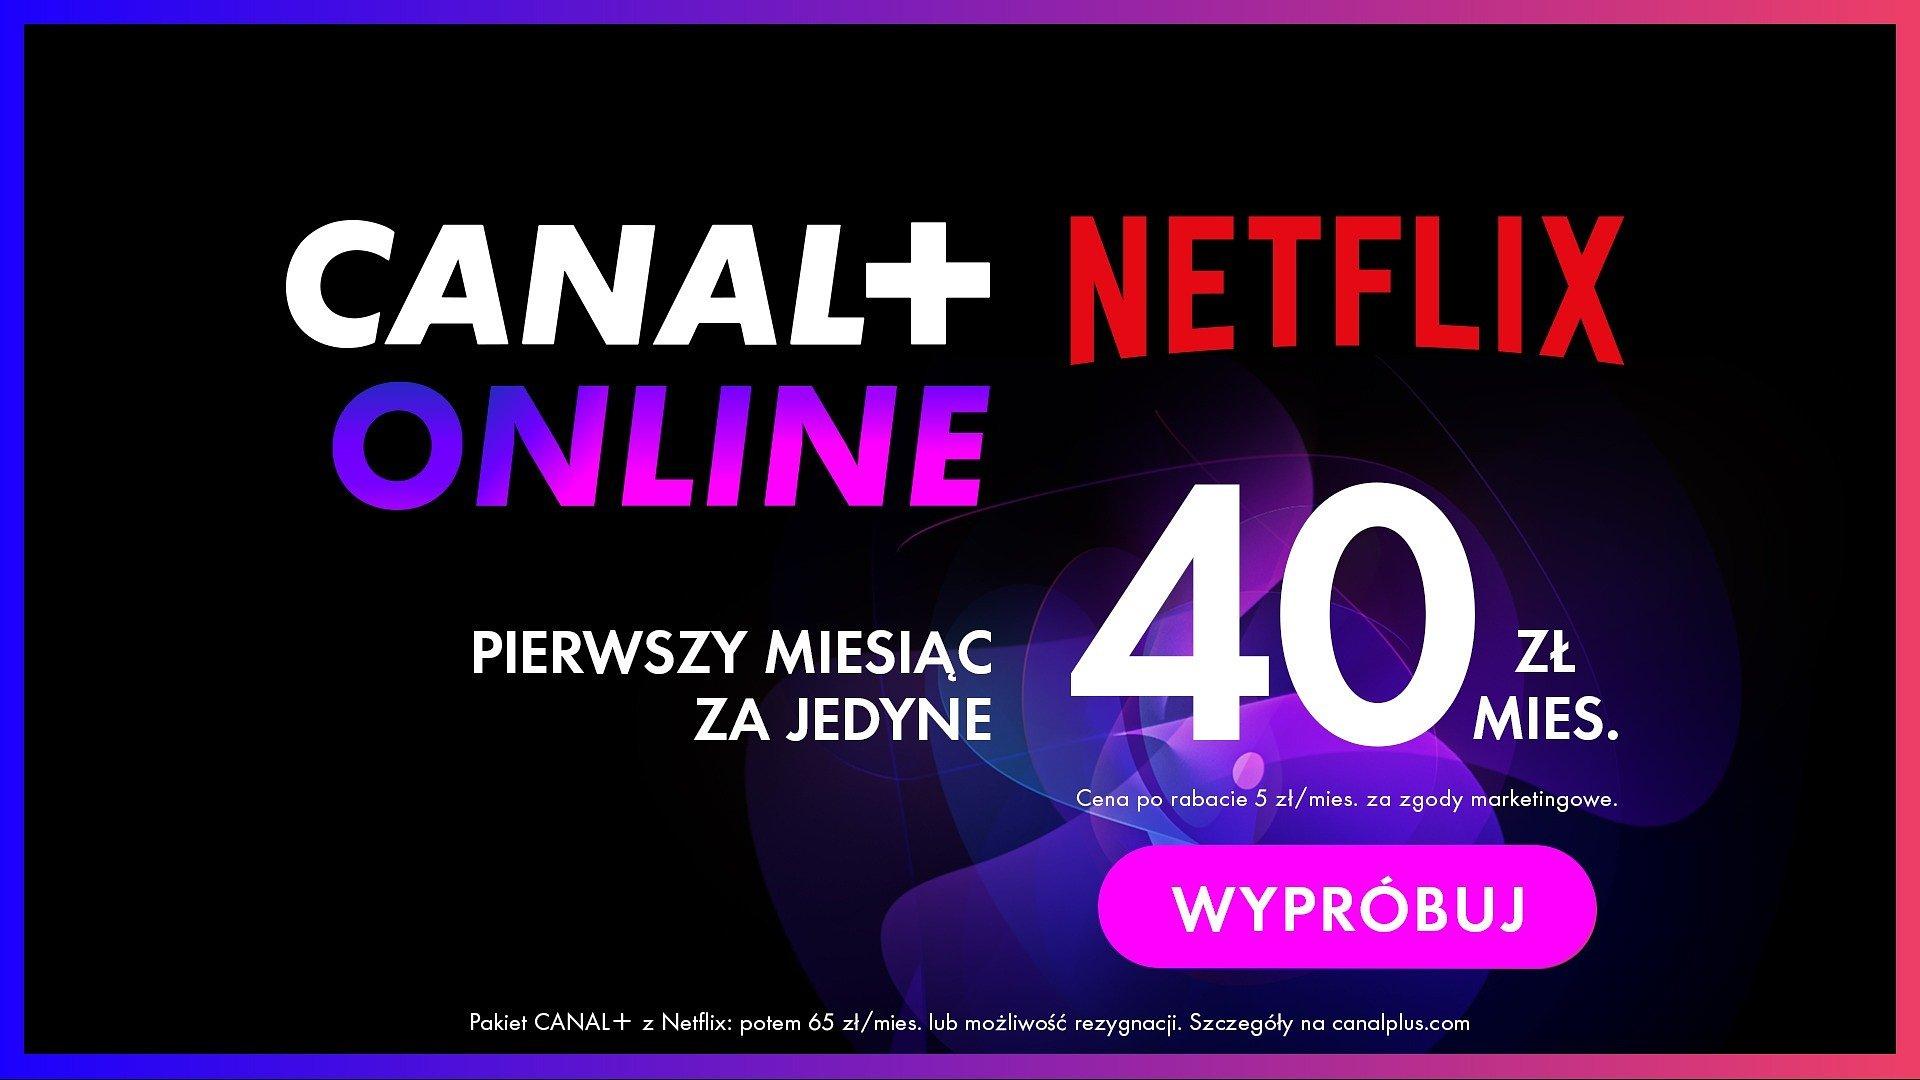 Serwisy CANAL+ online i Netflix w połączonej ofercie już od 2 sierpnia